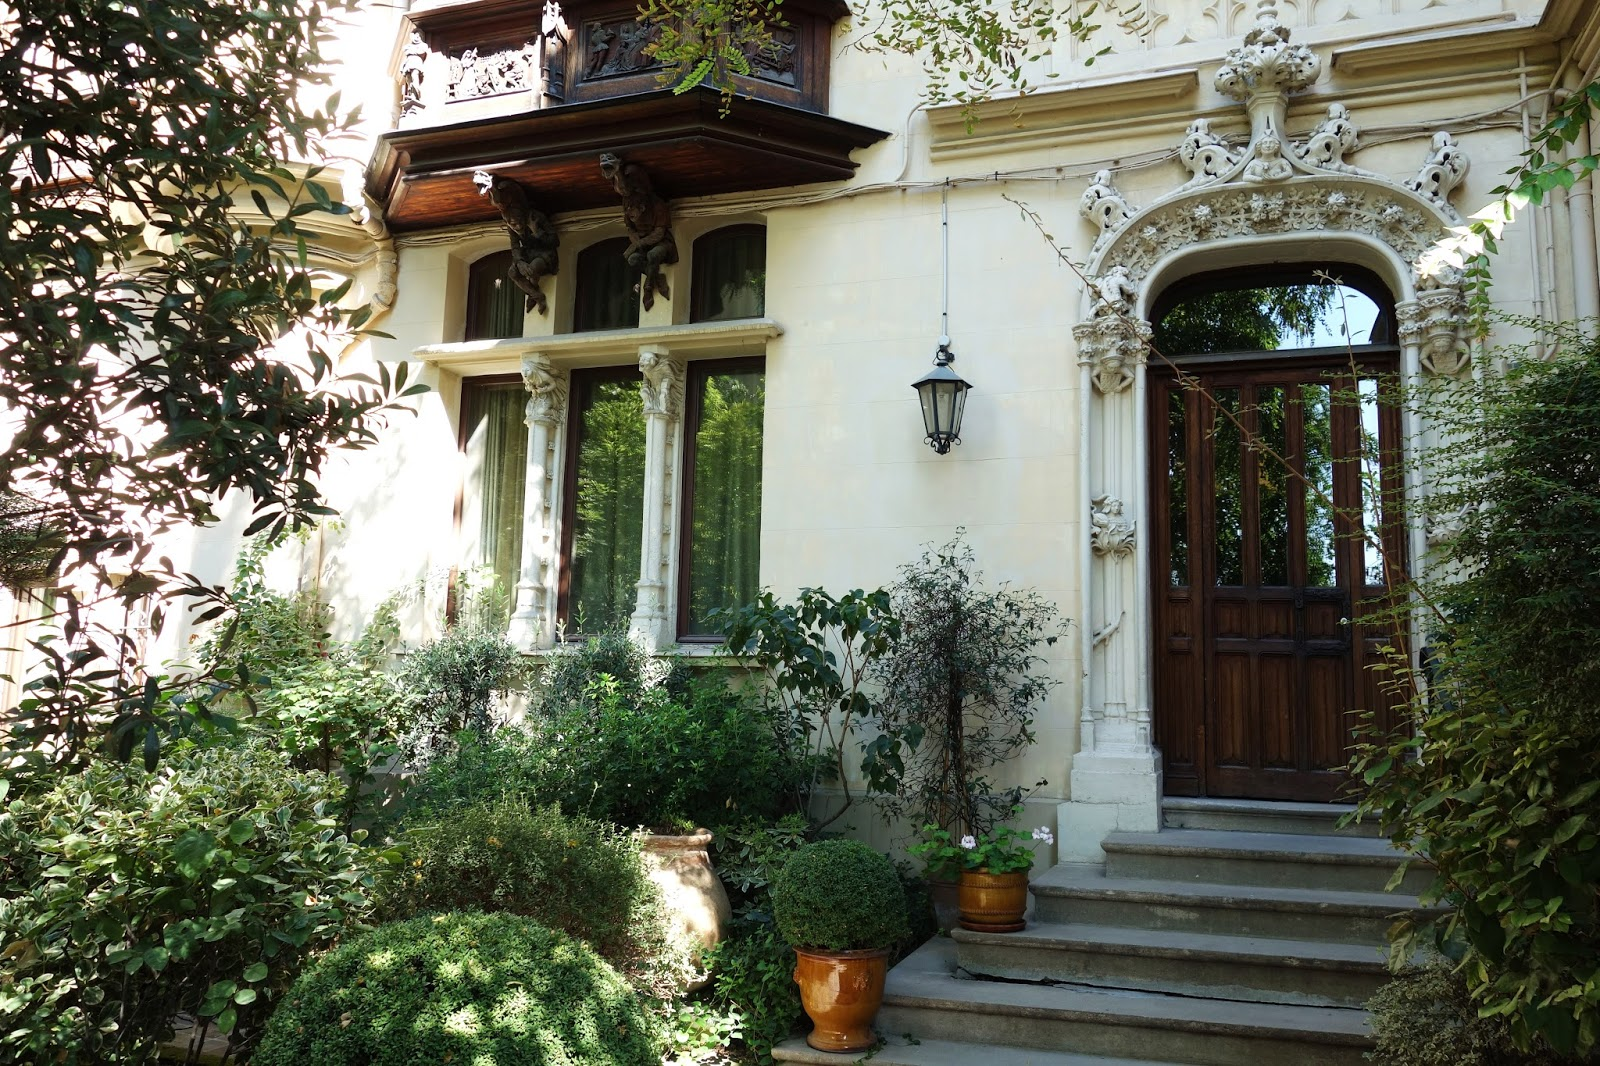 paris maison eymonaud une villa n o gothique montmartre 7 impasse marie blanche. Black Bedroom Furniture Sets. Home Design Ideas